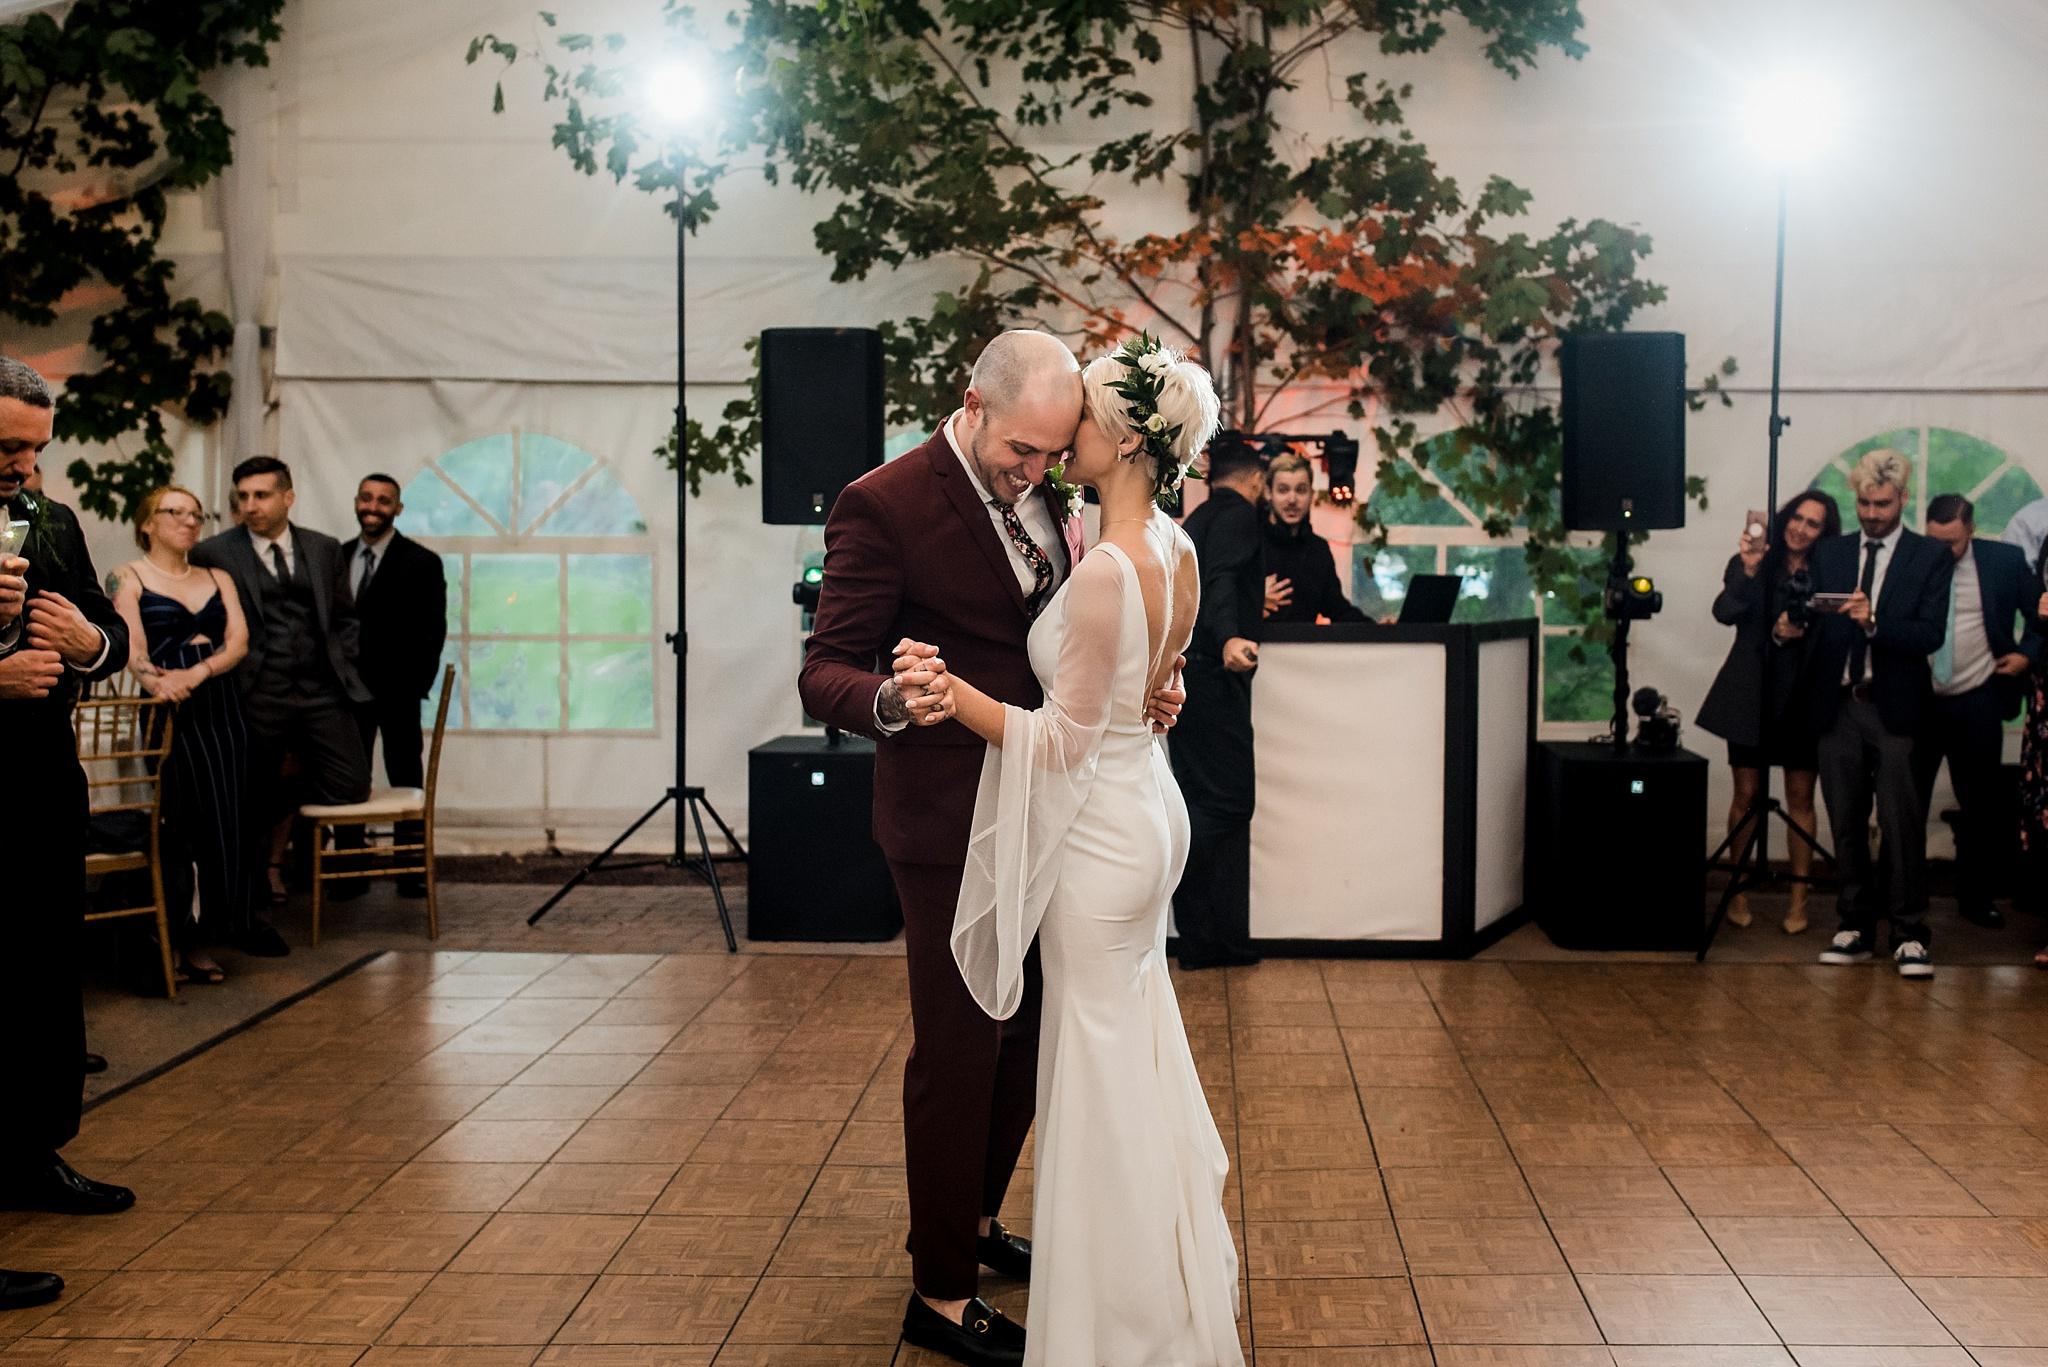 interlaken inn first dance